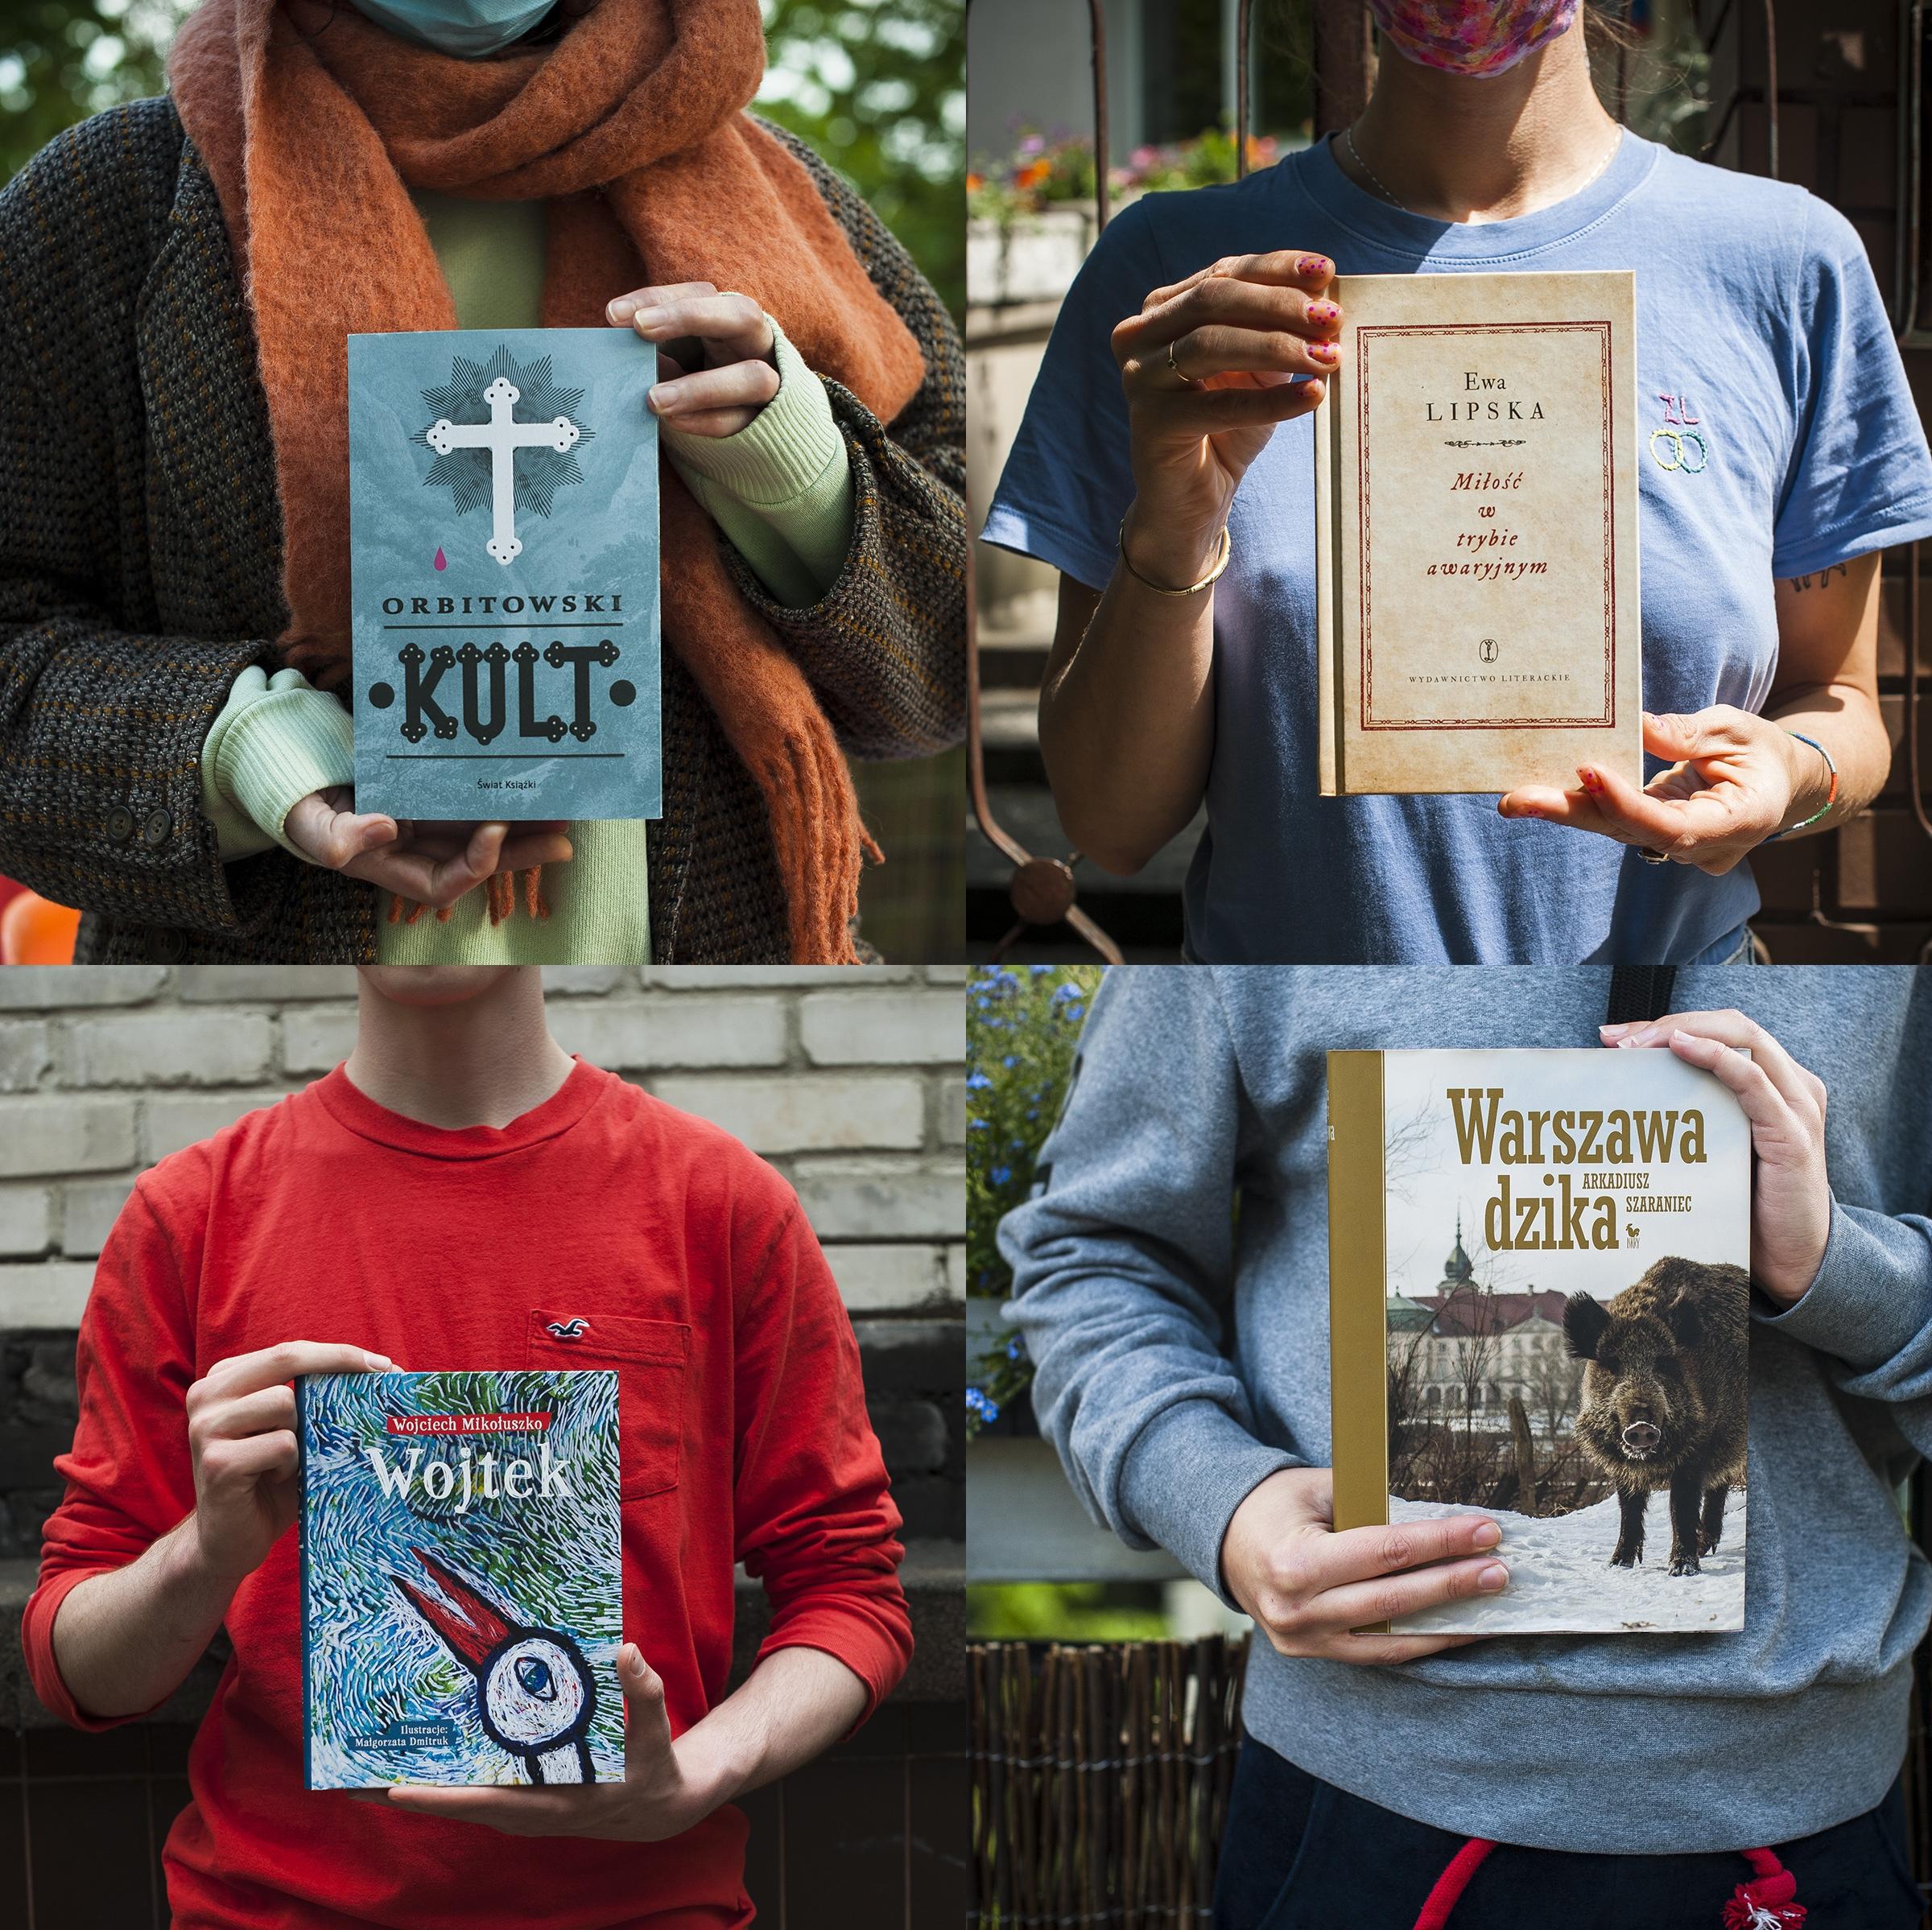 Okłądki książek nagrodzonych w 13. edycji Nagrody Literackiej Miasta st. Warszawy